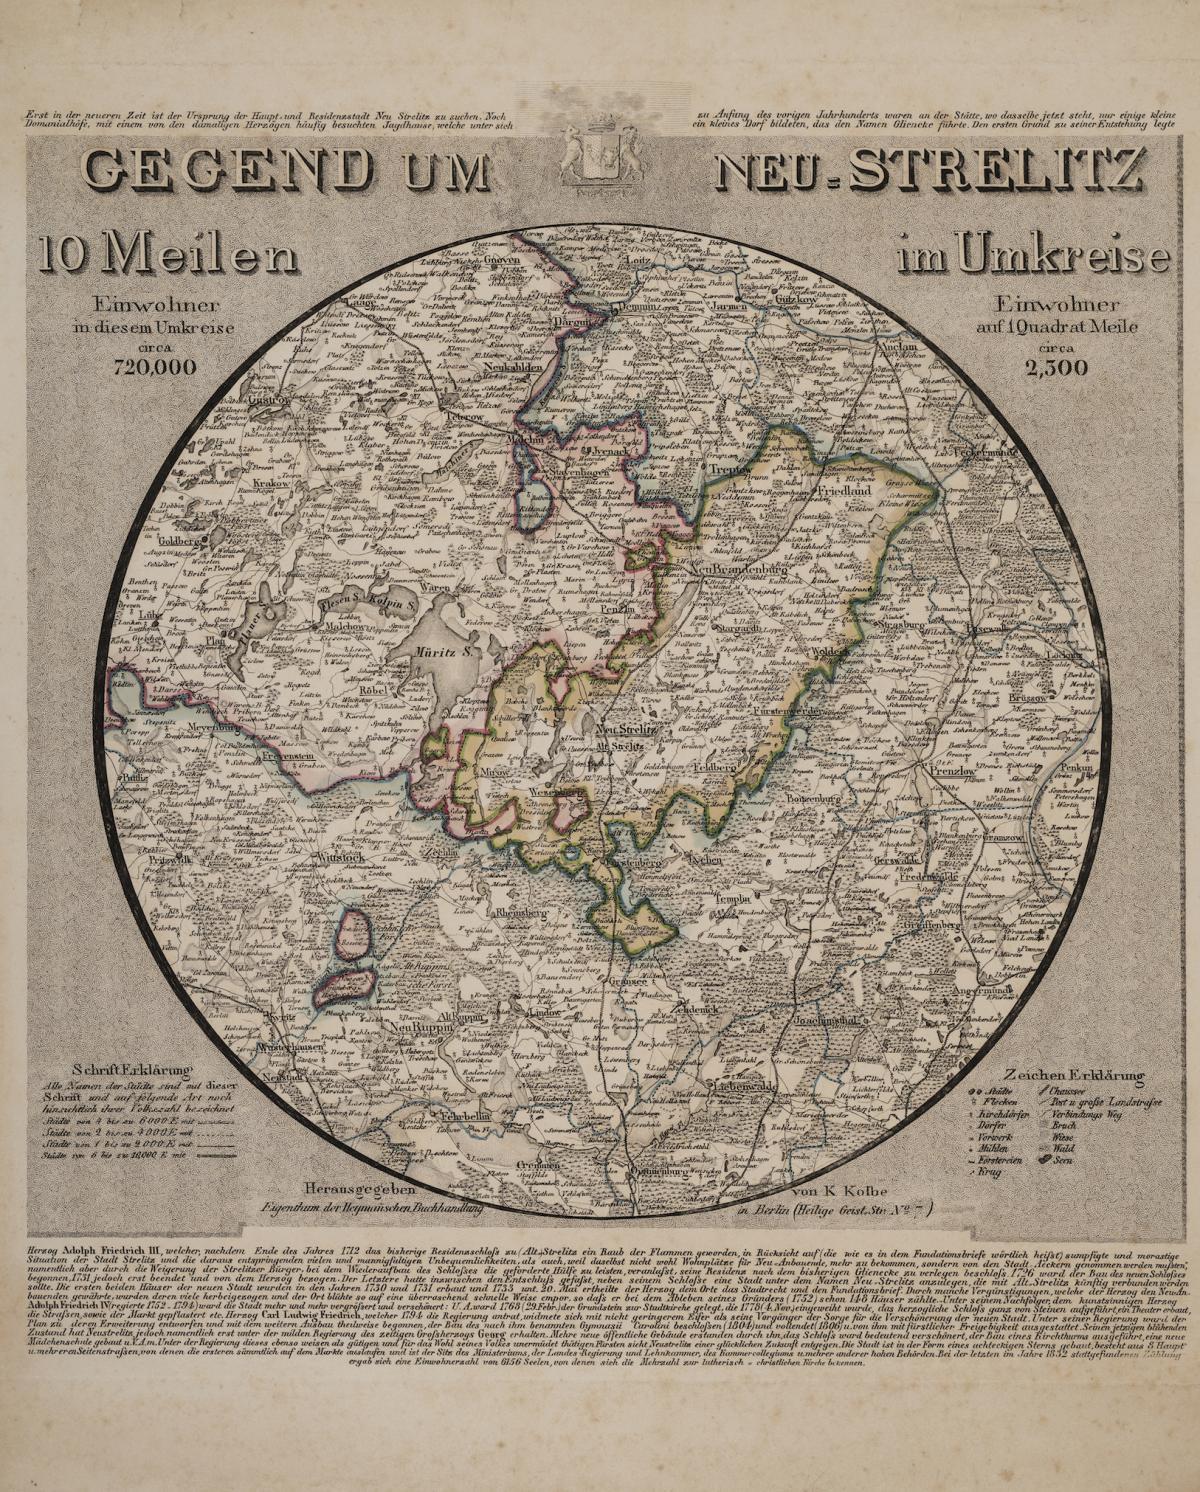 Karl Kolbe: Rundkarte - Gegend um Neustrelitz, nach 1835